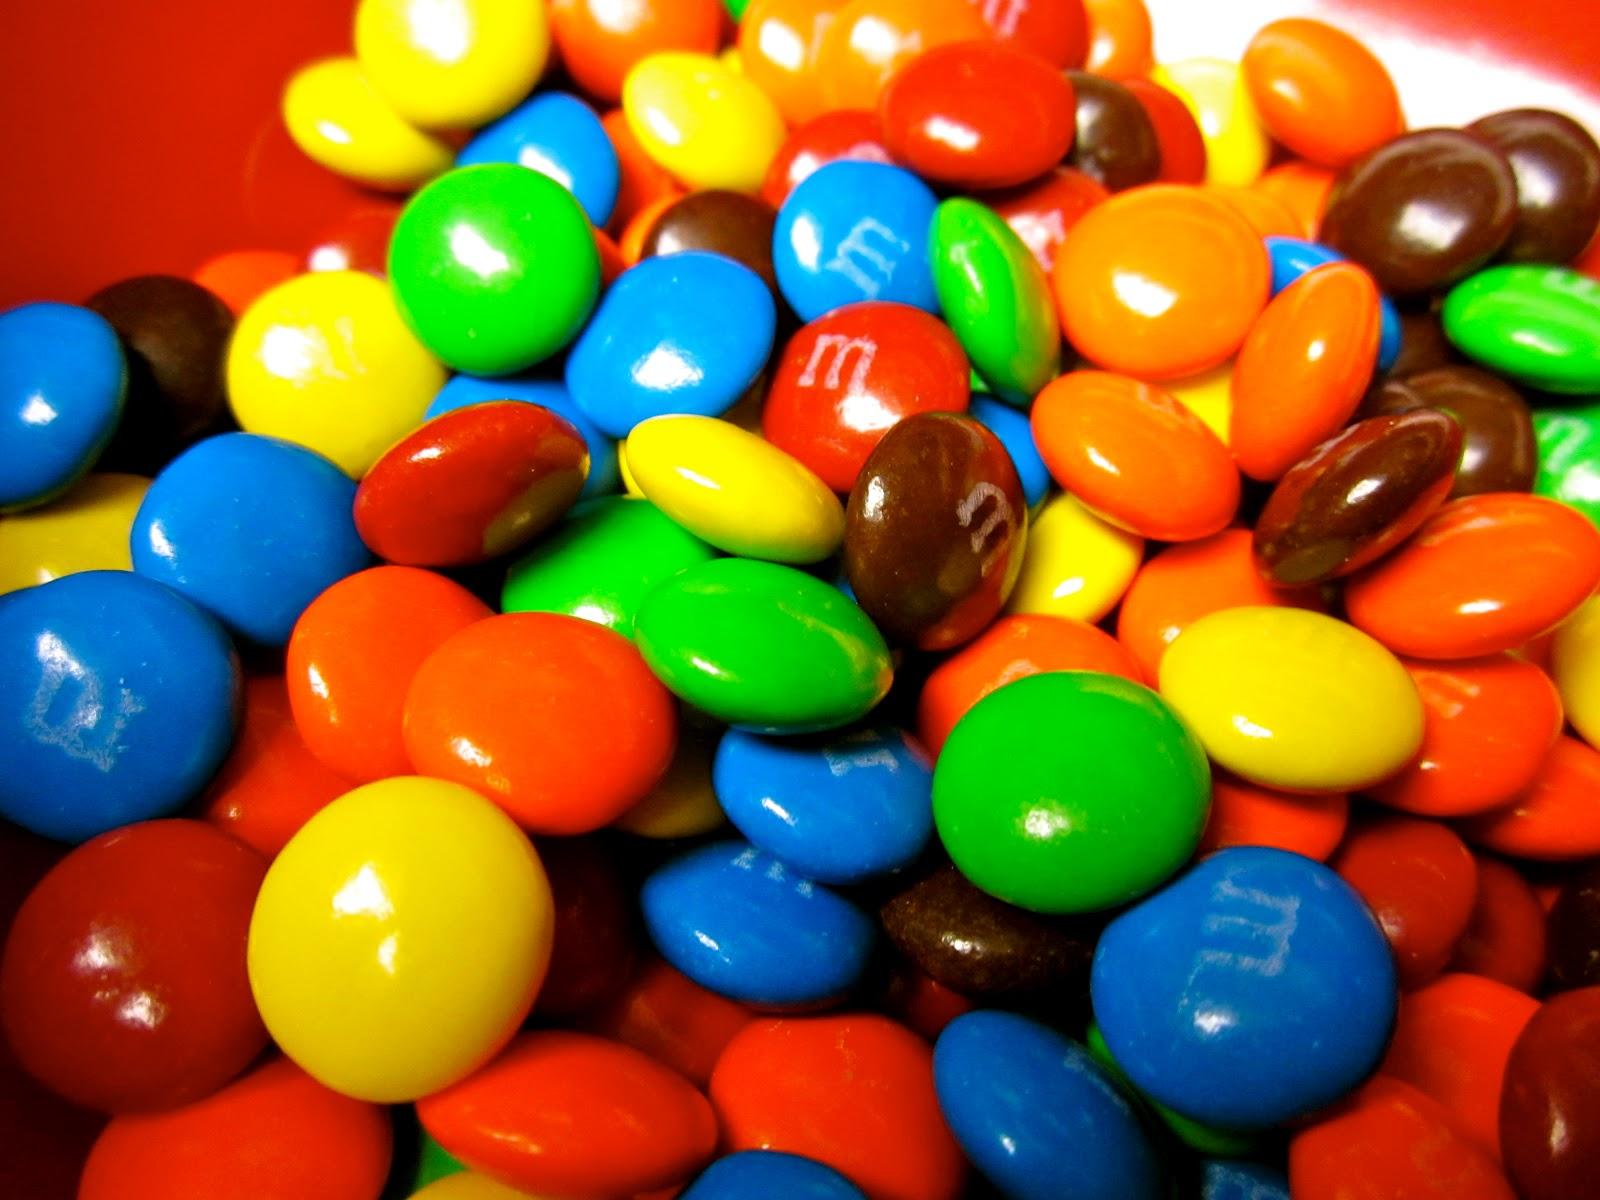 M M Candies Pictures: Folks, Listen!: M&M's